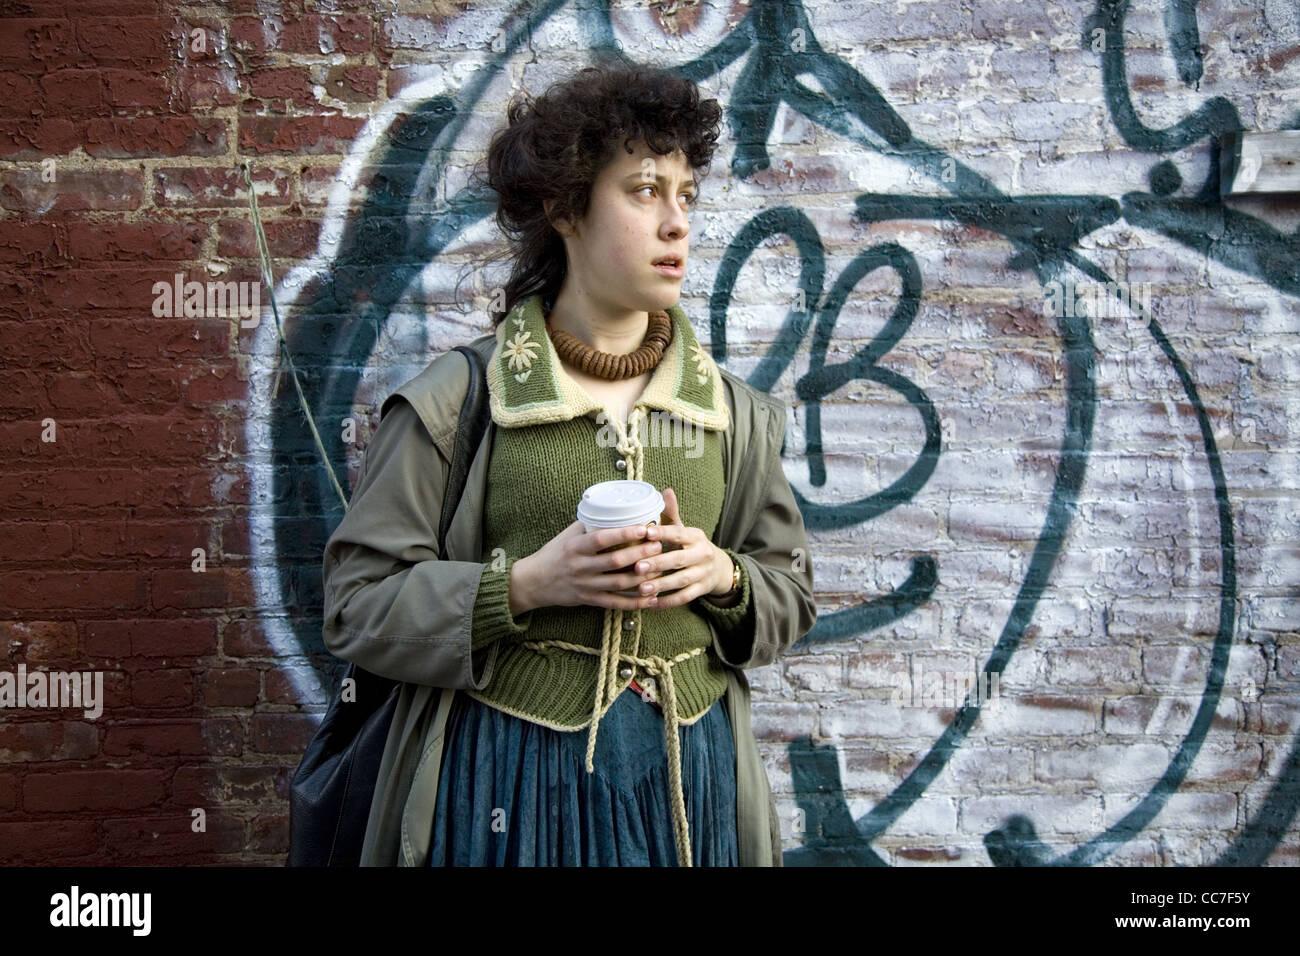 Giovane donna con una tazza di caffè, Brooklyn, New York. Immagini Stock